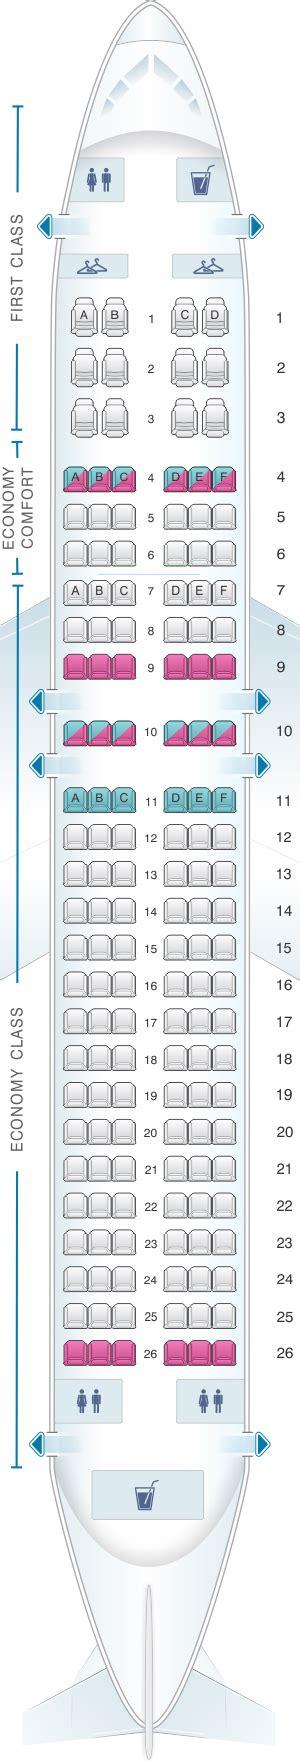 plan des sieges airbus a320 plan de cabine delta air lines airbus a320 200 32r